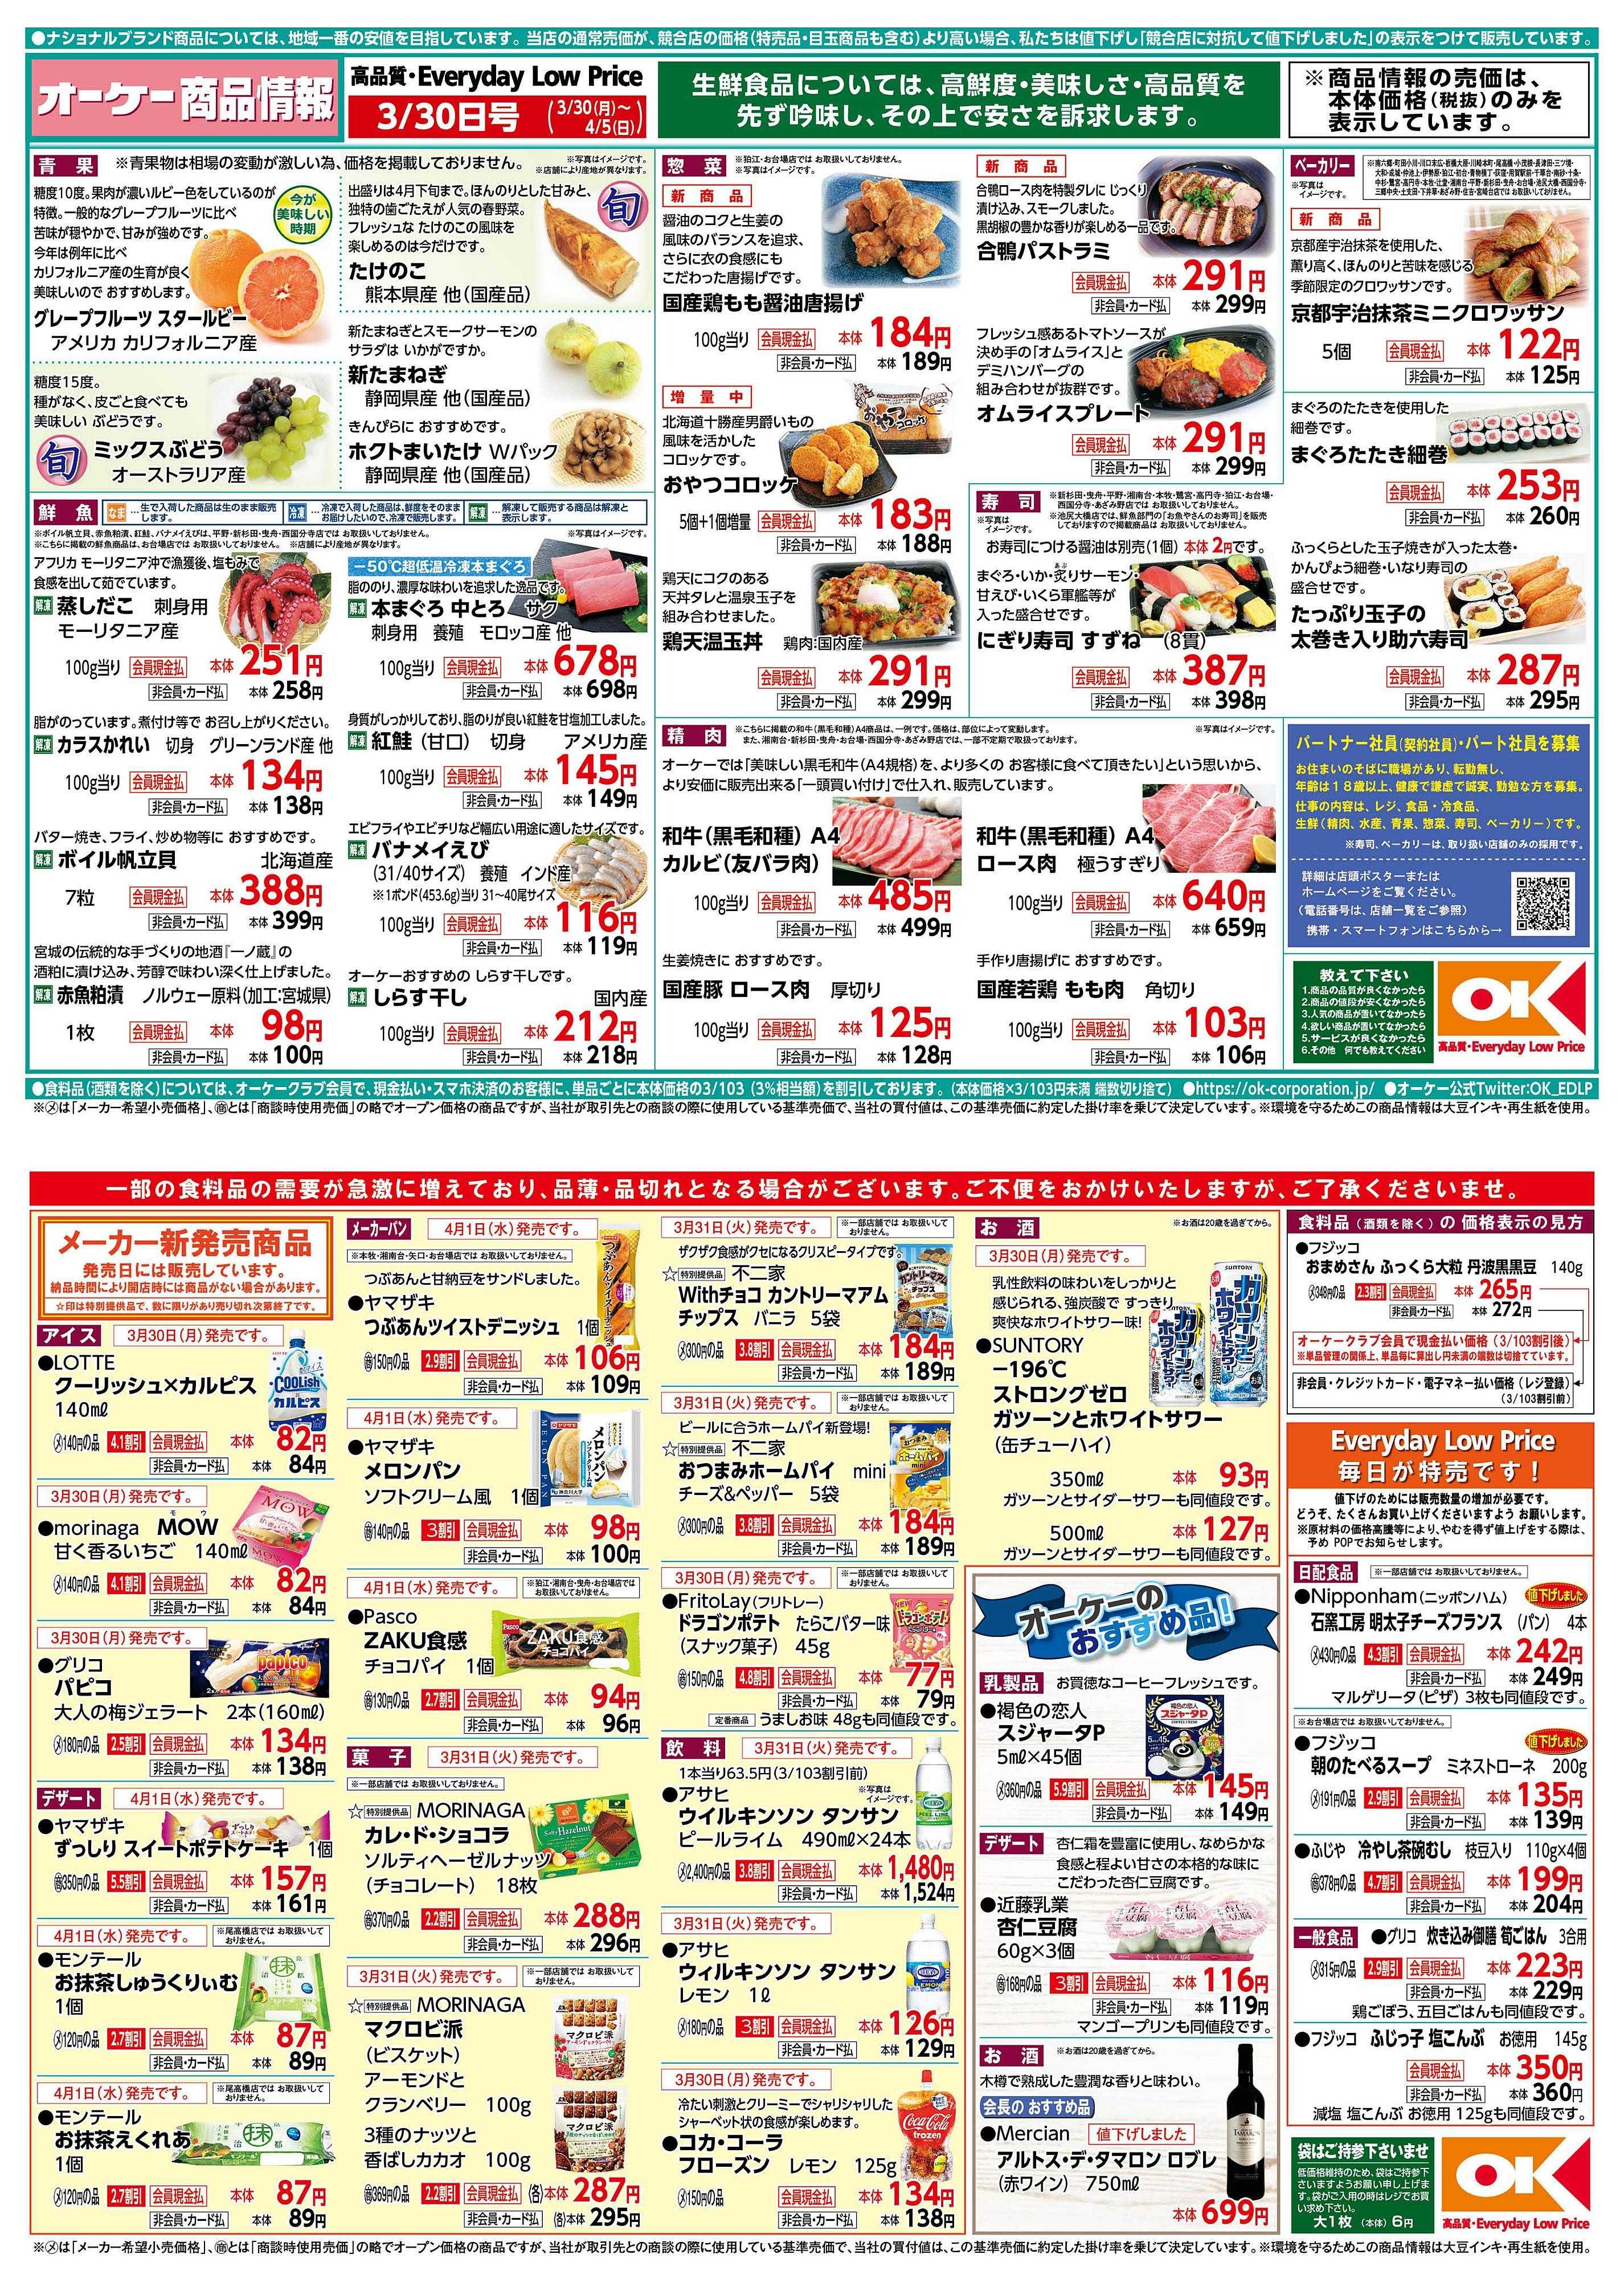 オーケー 商品情報紙3月30日号